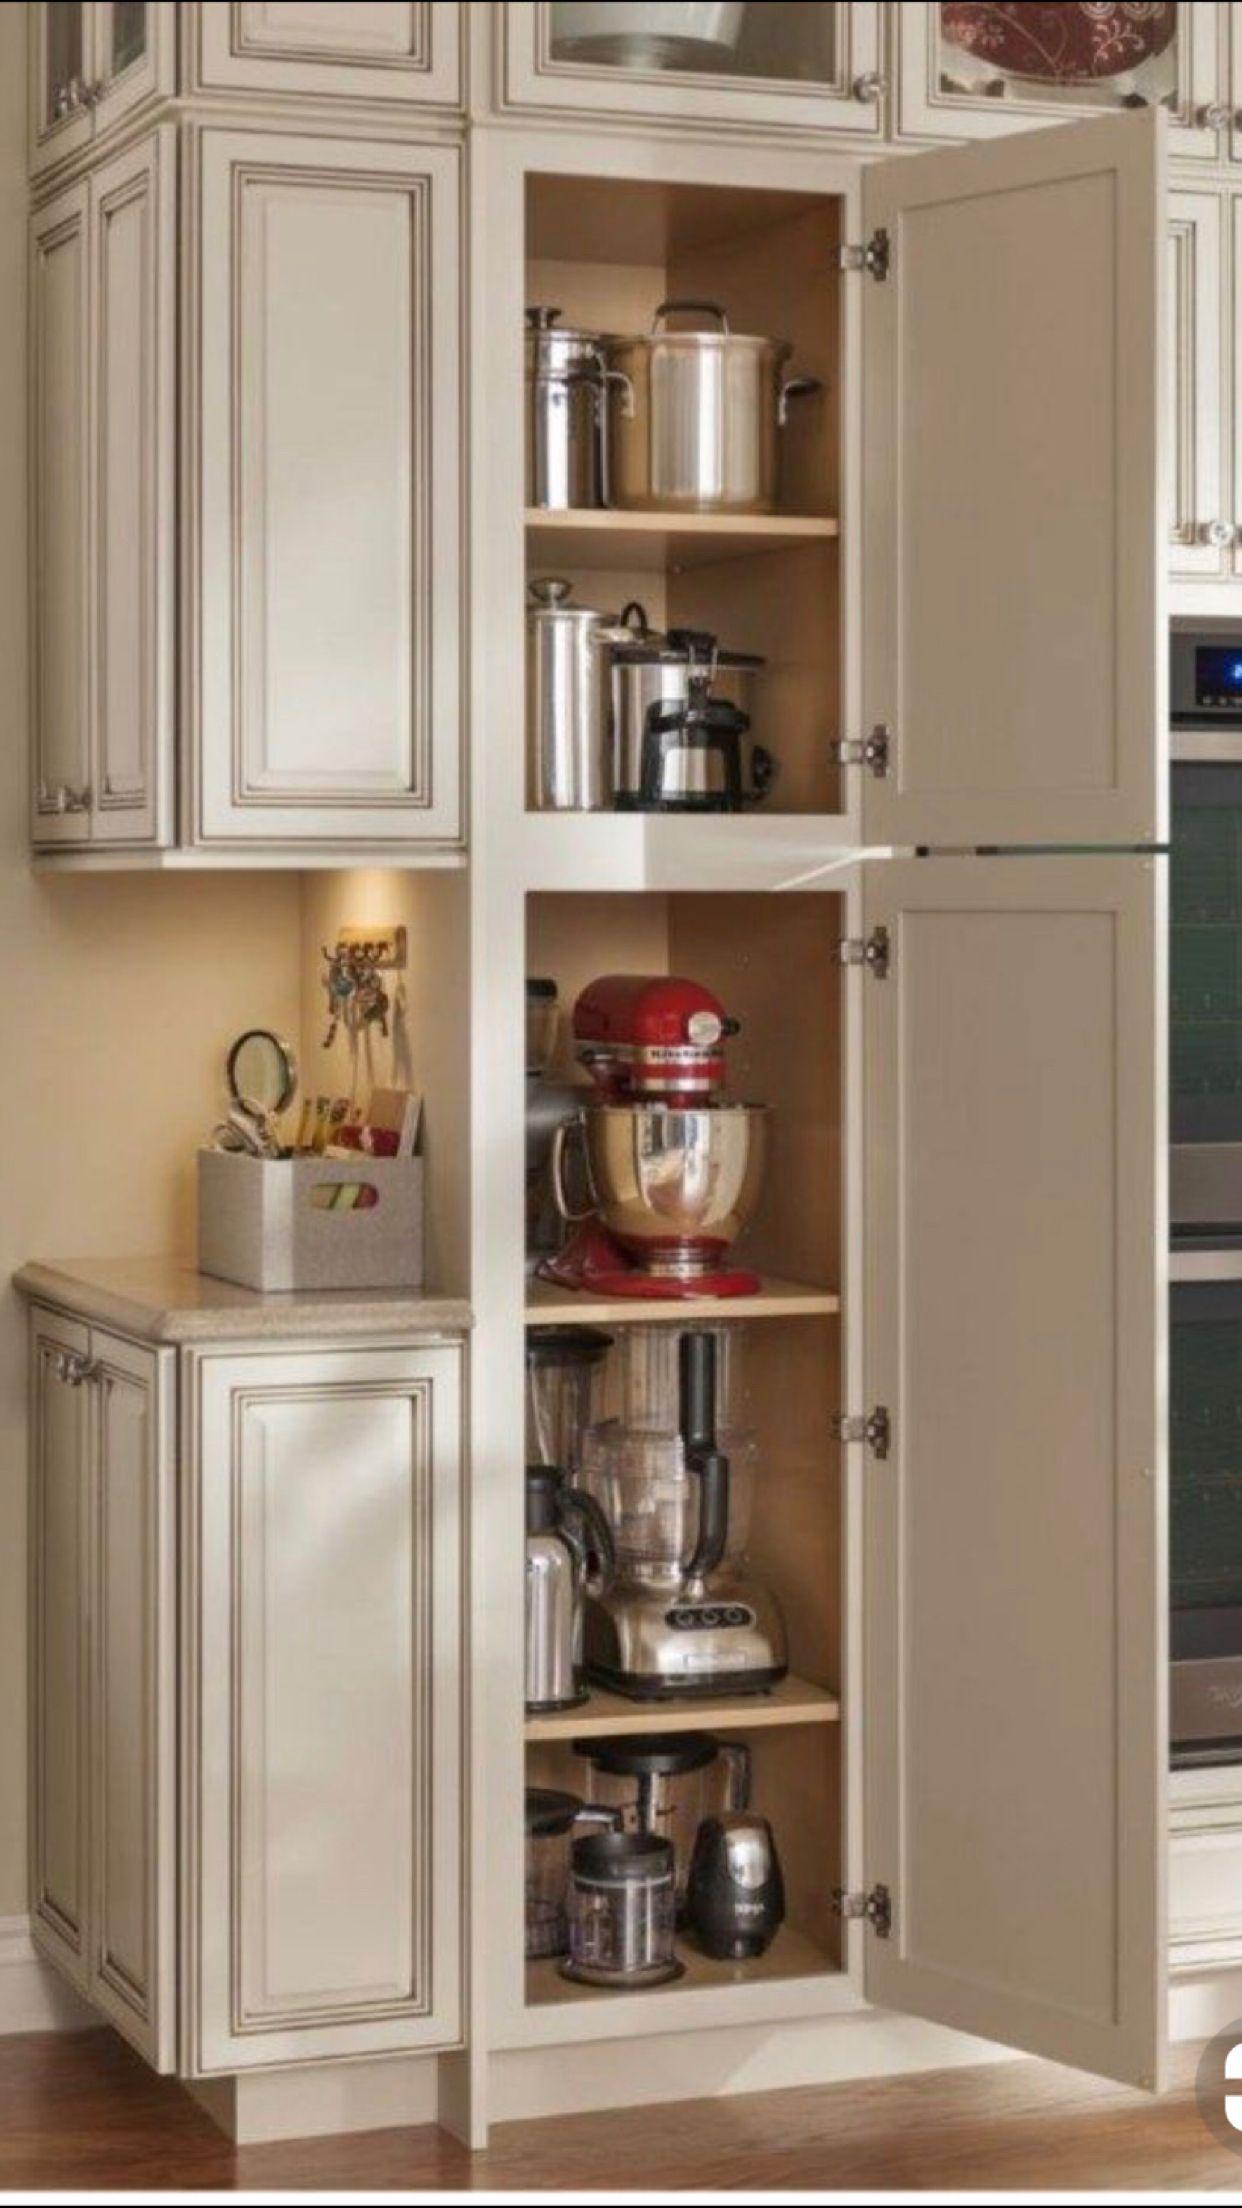 Organizar la cocina mueble para electrodom sticos - Mueble esquinero cocina ...